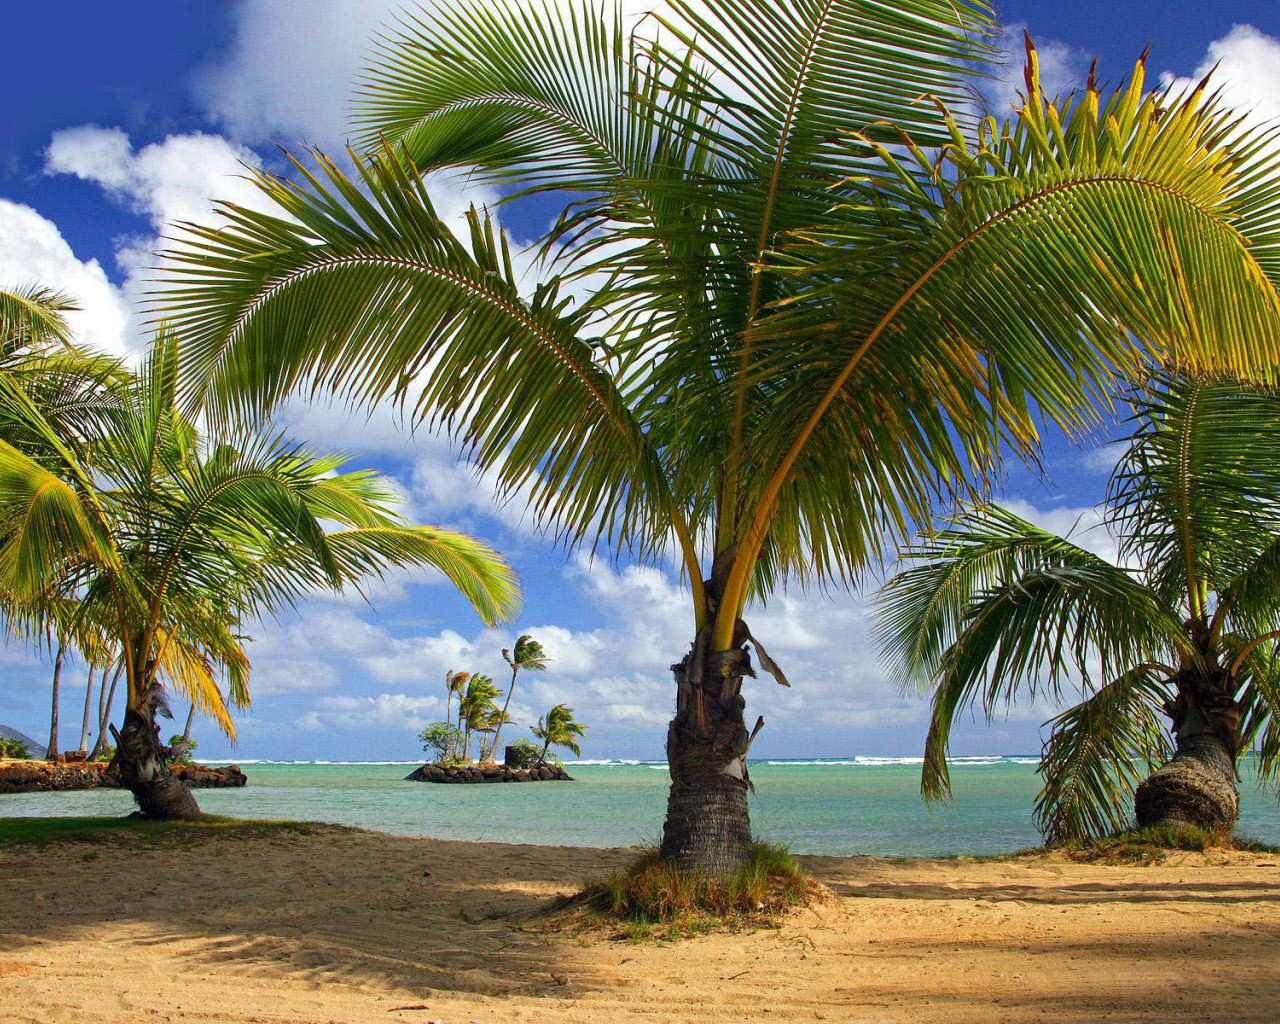 001 moře pláž palmy